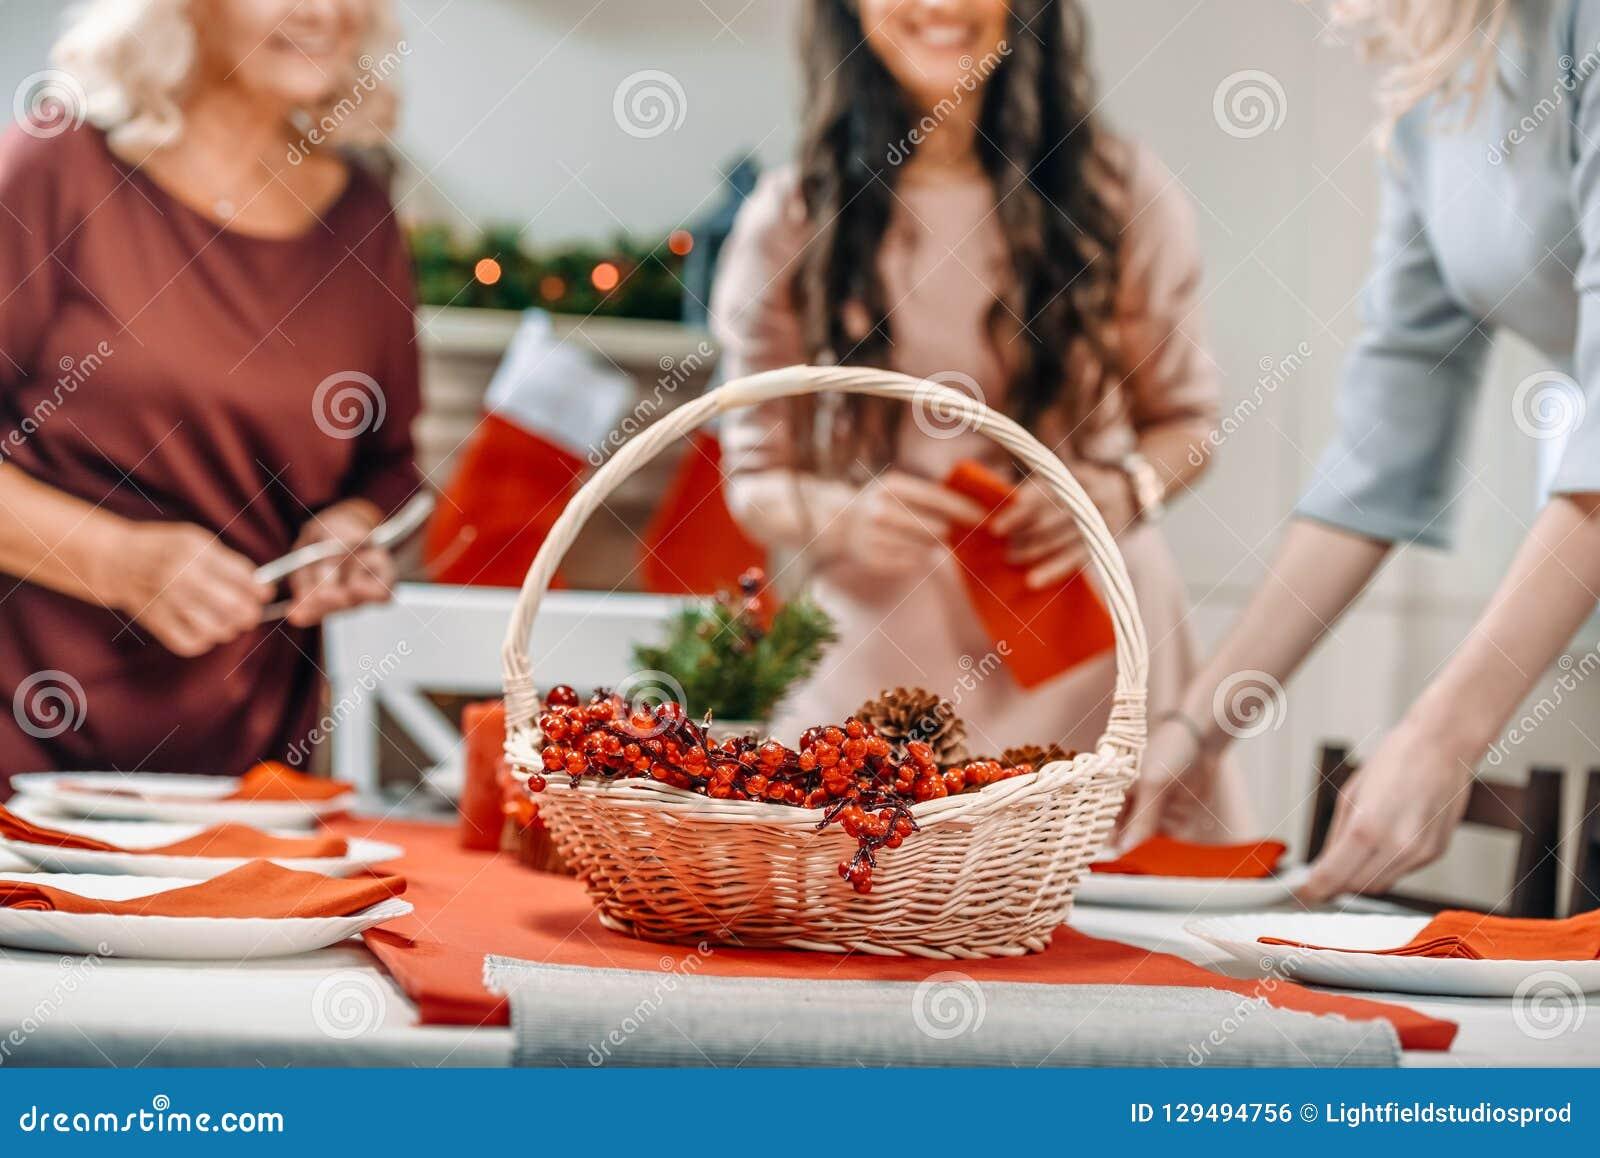 Tir cultivé de la portion et de la décoration de femmes